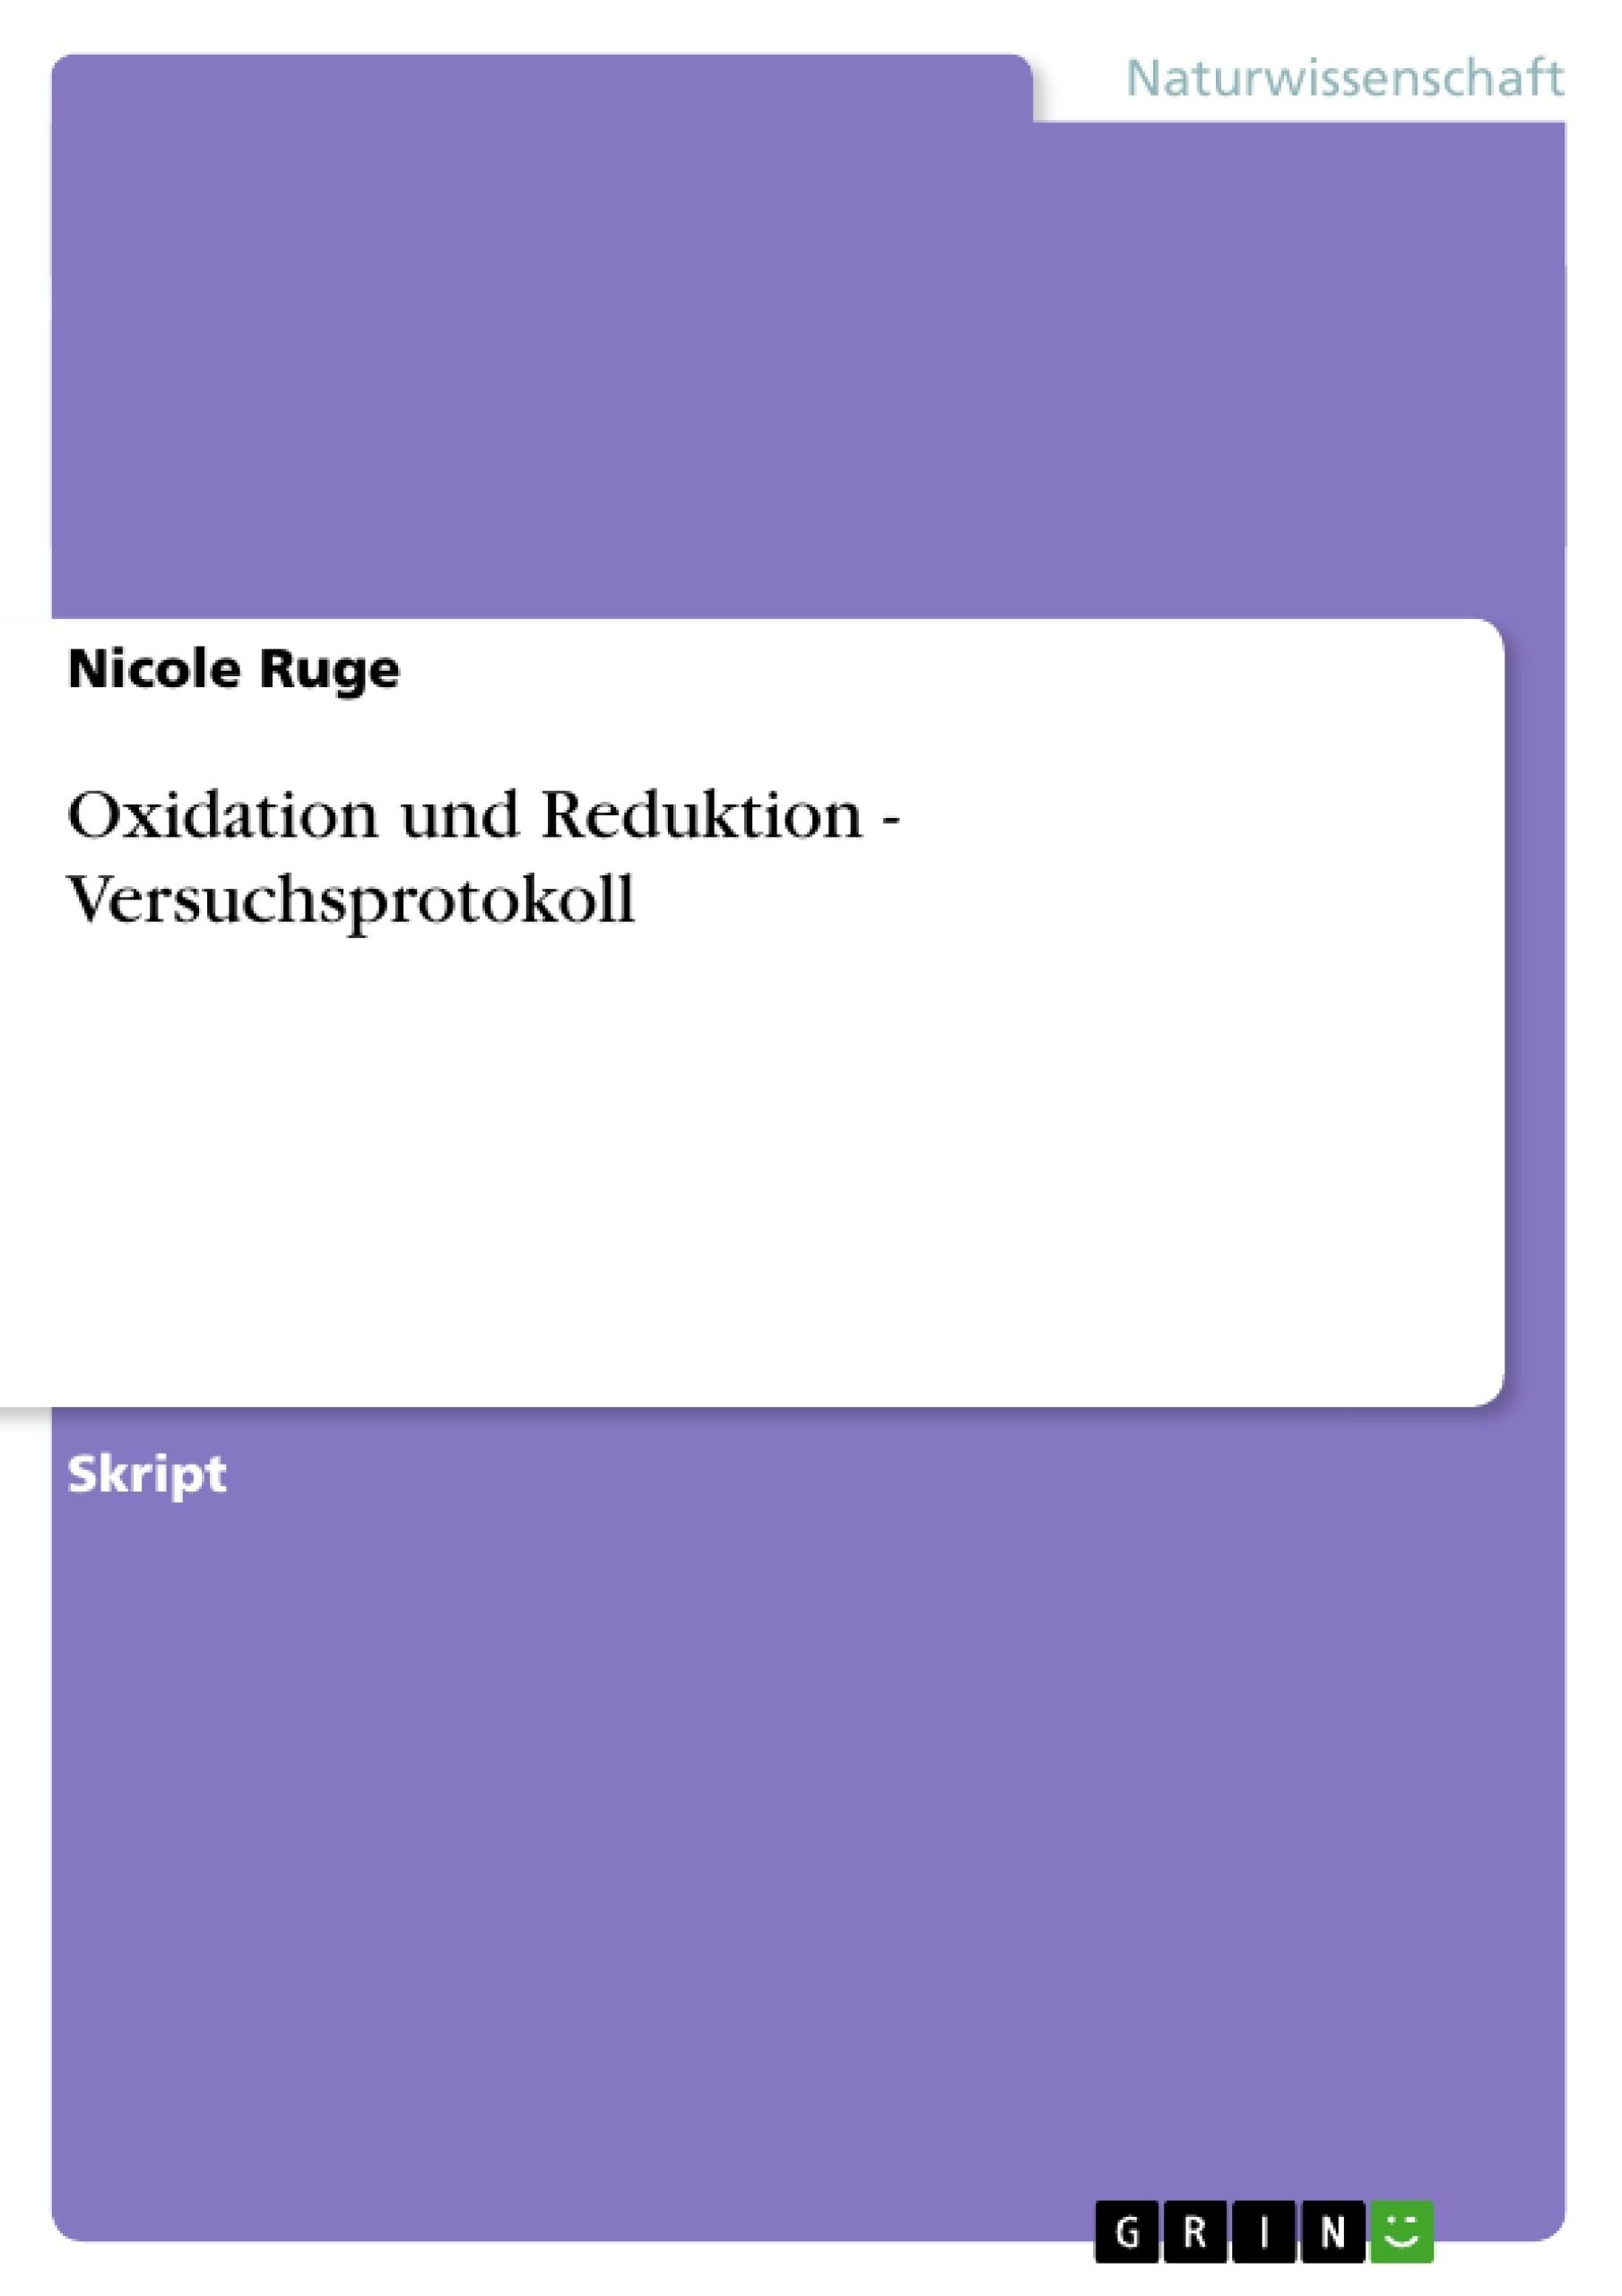 Titel: Oxidation und Reduktion - Versuchsprotokoll